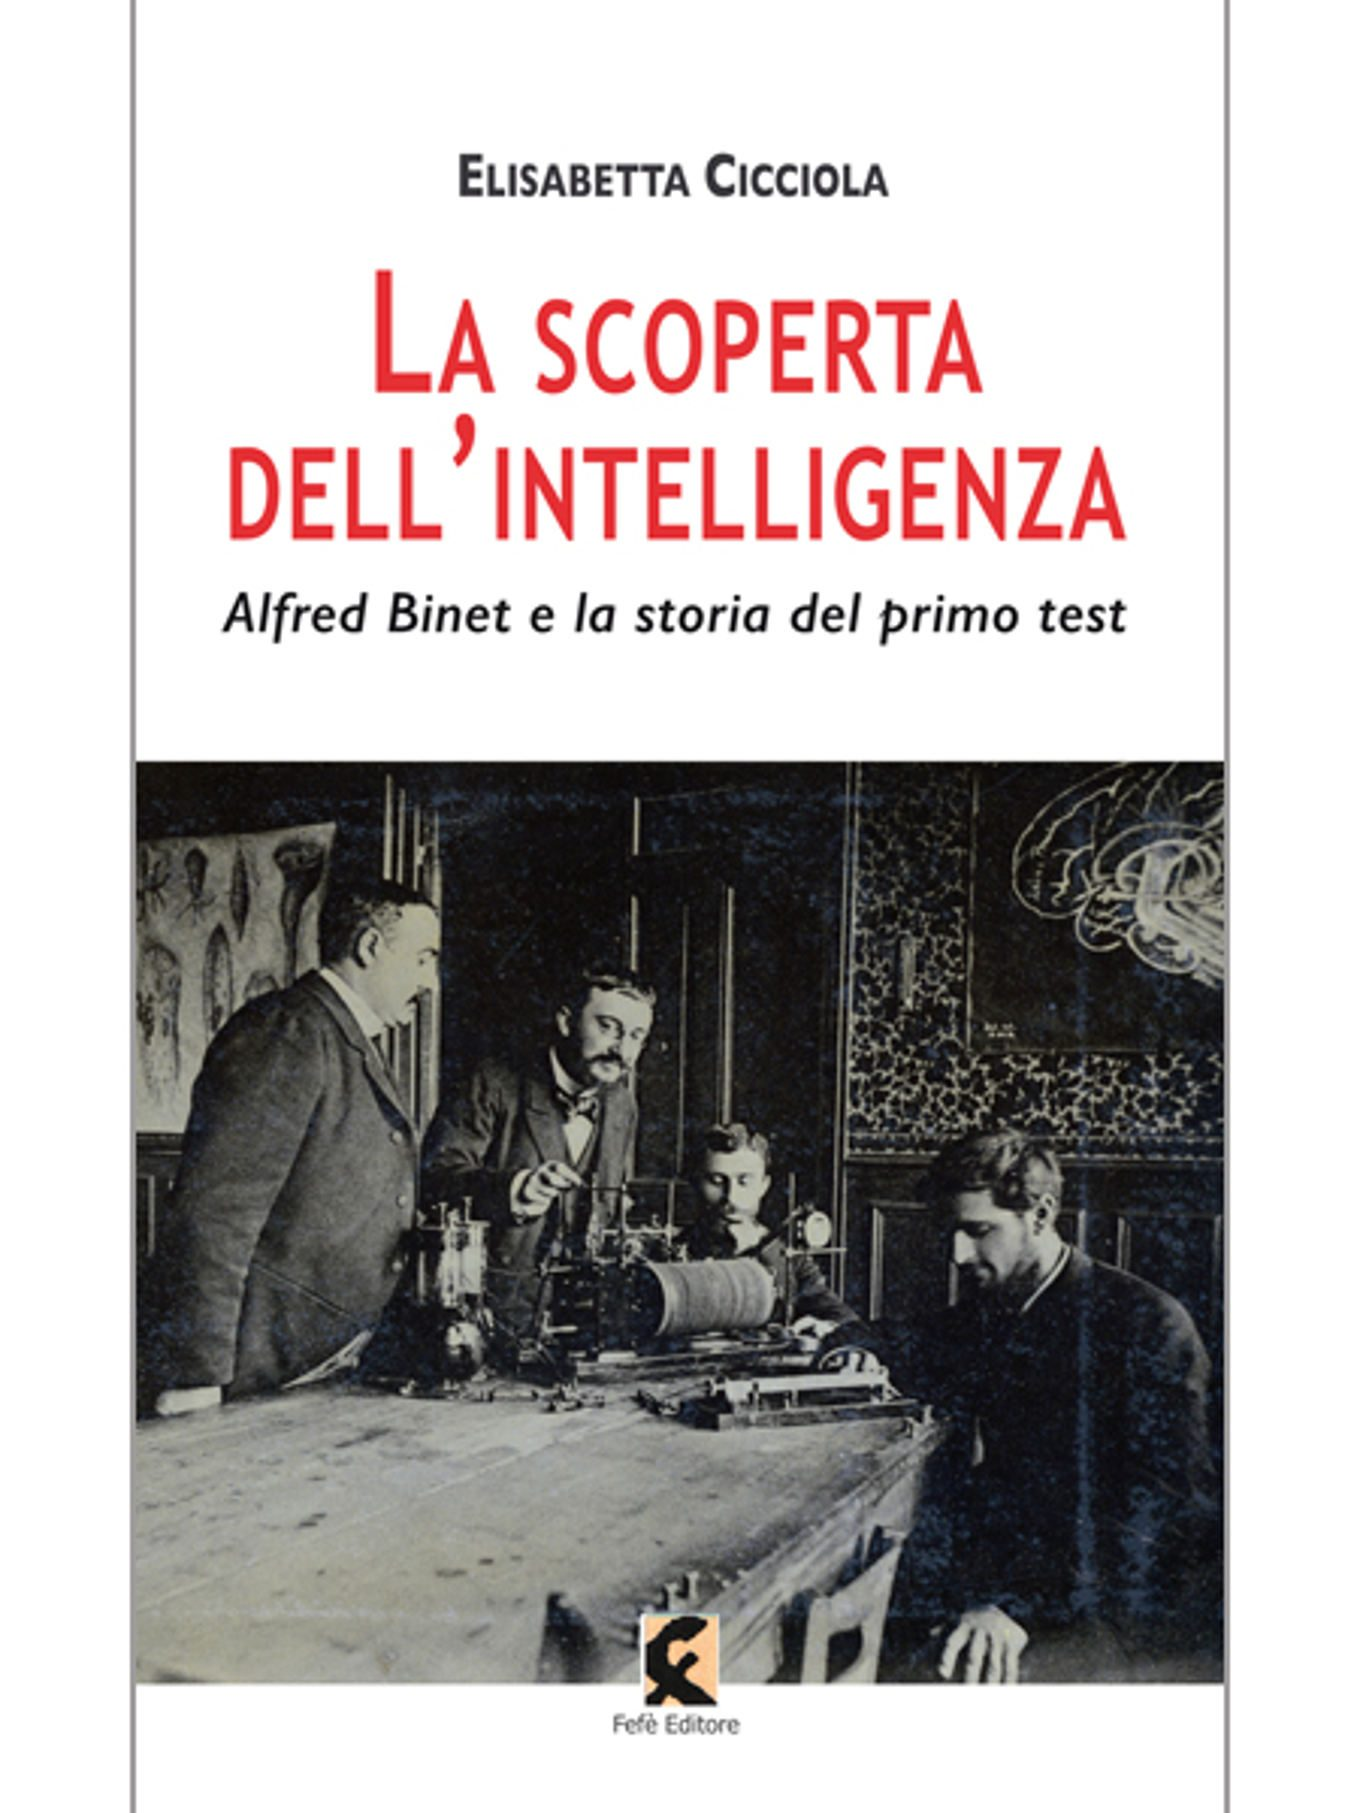 La scoperta dell'intelligenza. Alfred Binet e la storia del primo test (2019) di E. Cicciola – Recensione del libro